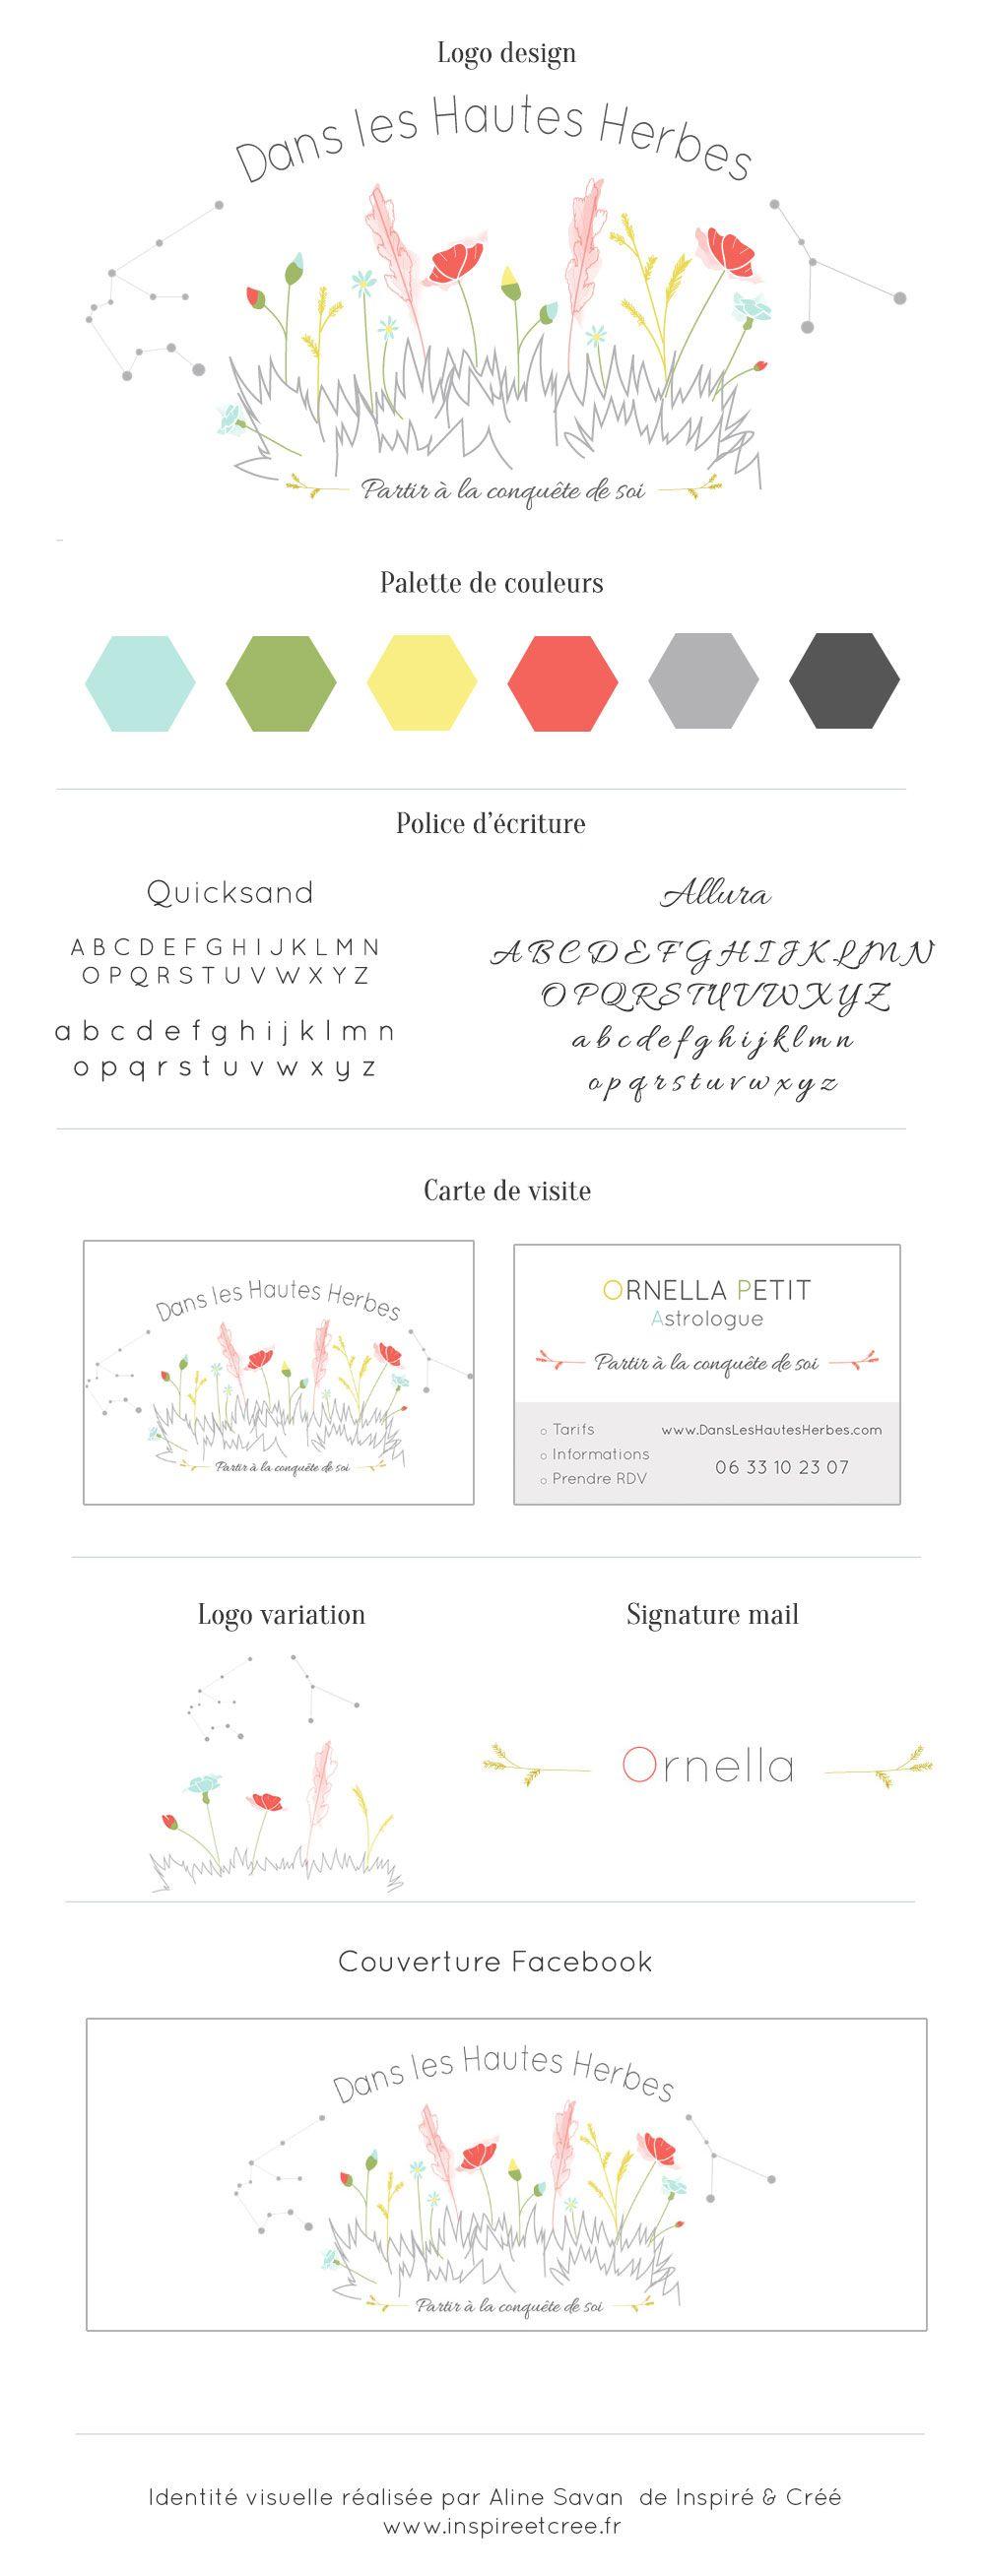 Identite Visuelle Logo Carte De Visite Signature Dans Les Hautes Herbes